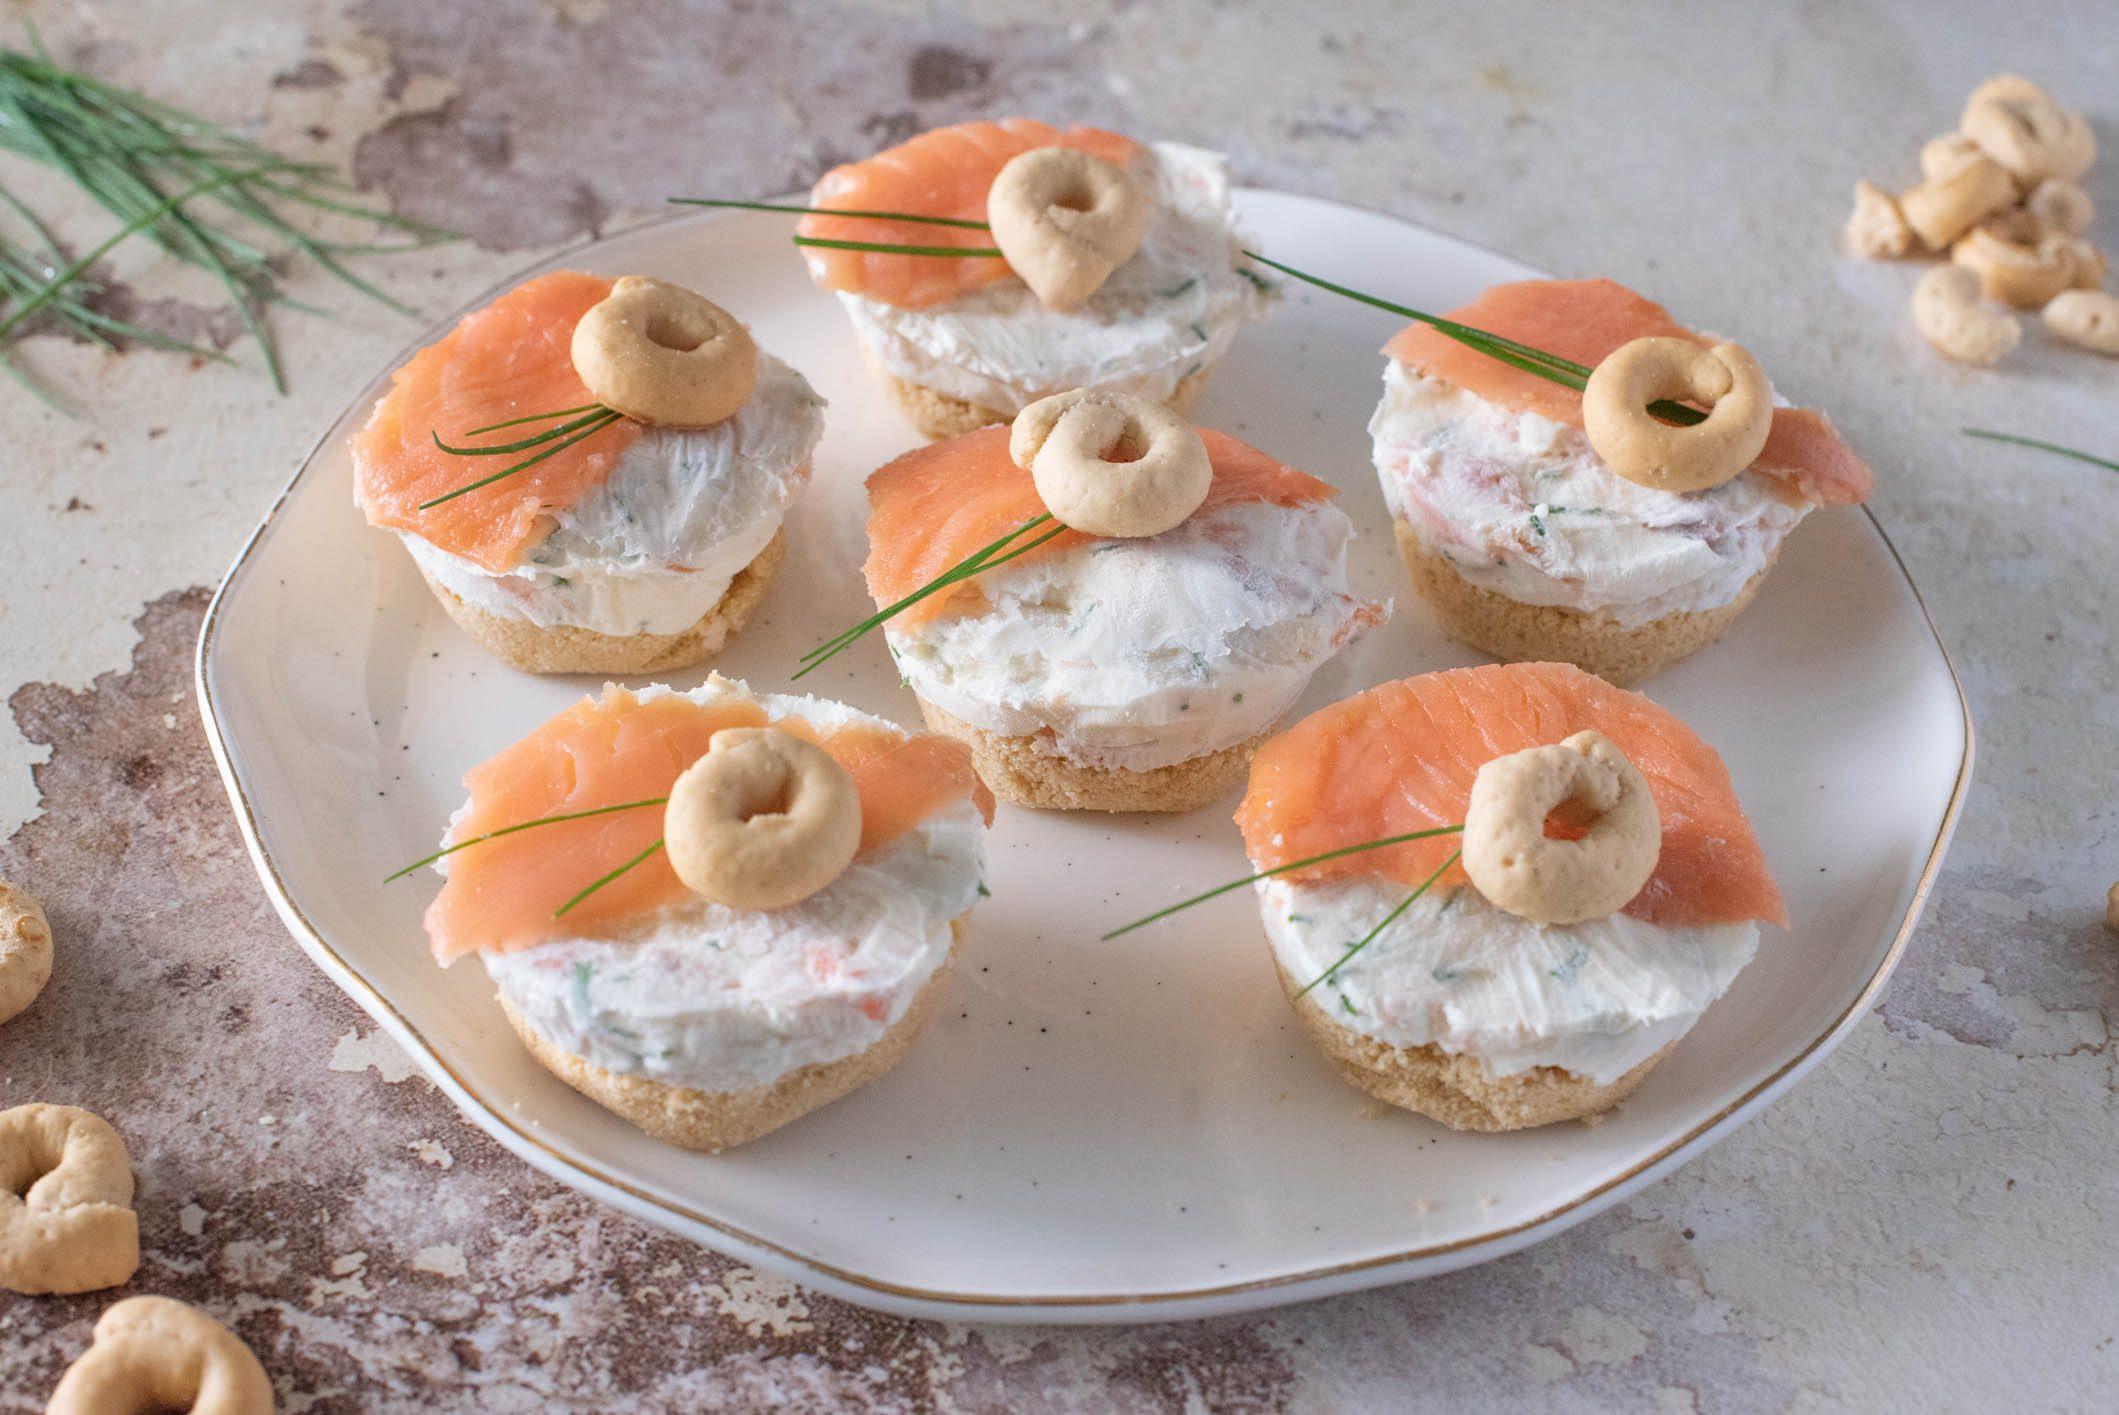 Mini cheesecake al salmone: la ricetta dell'antipasto sfizioso ed elegante